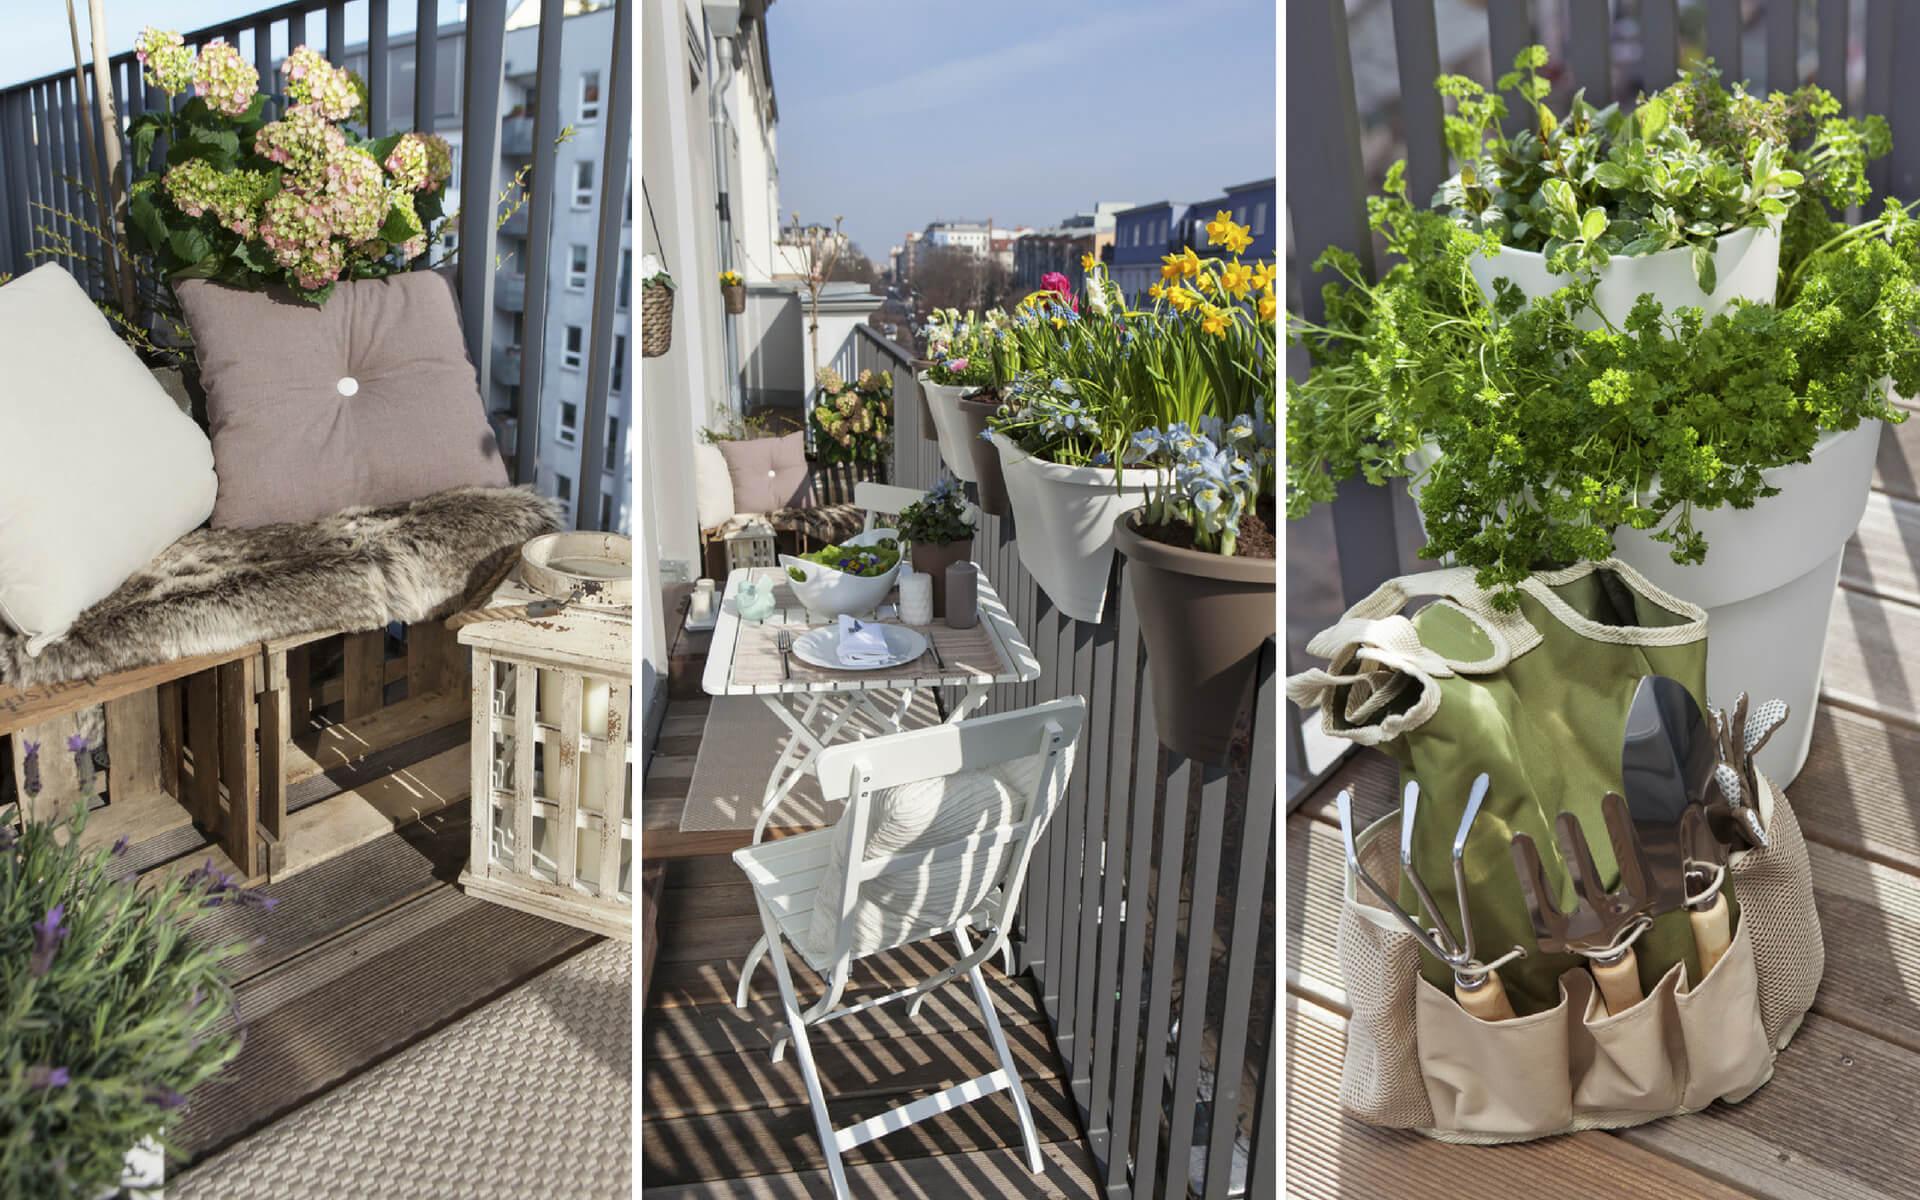 Suggerimenti e consigli per dividere in modo funzionale e pratico un balcone stretto e lungo